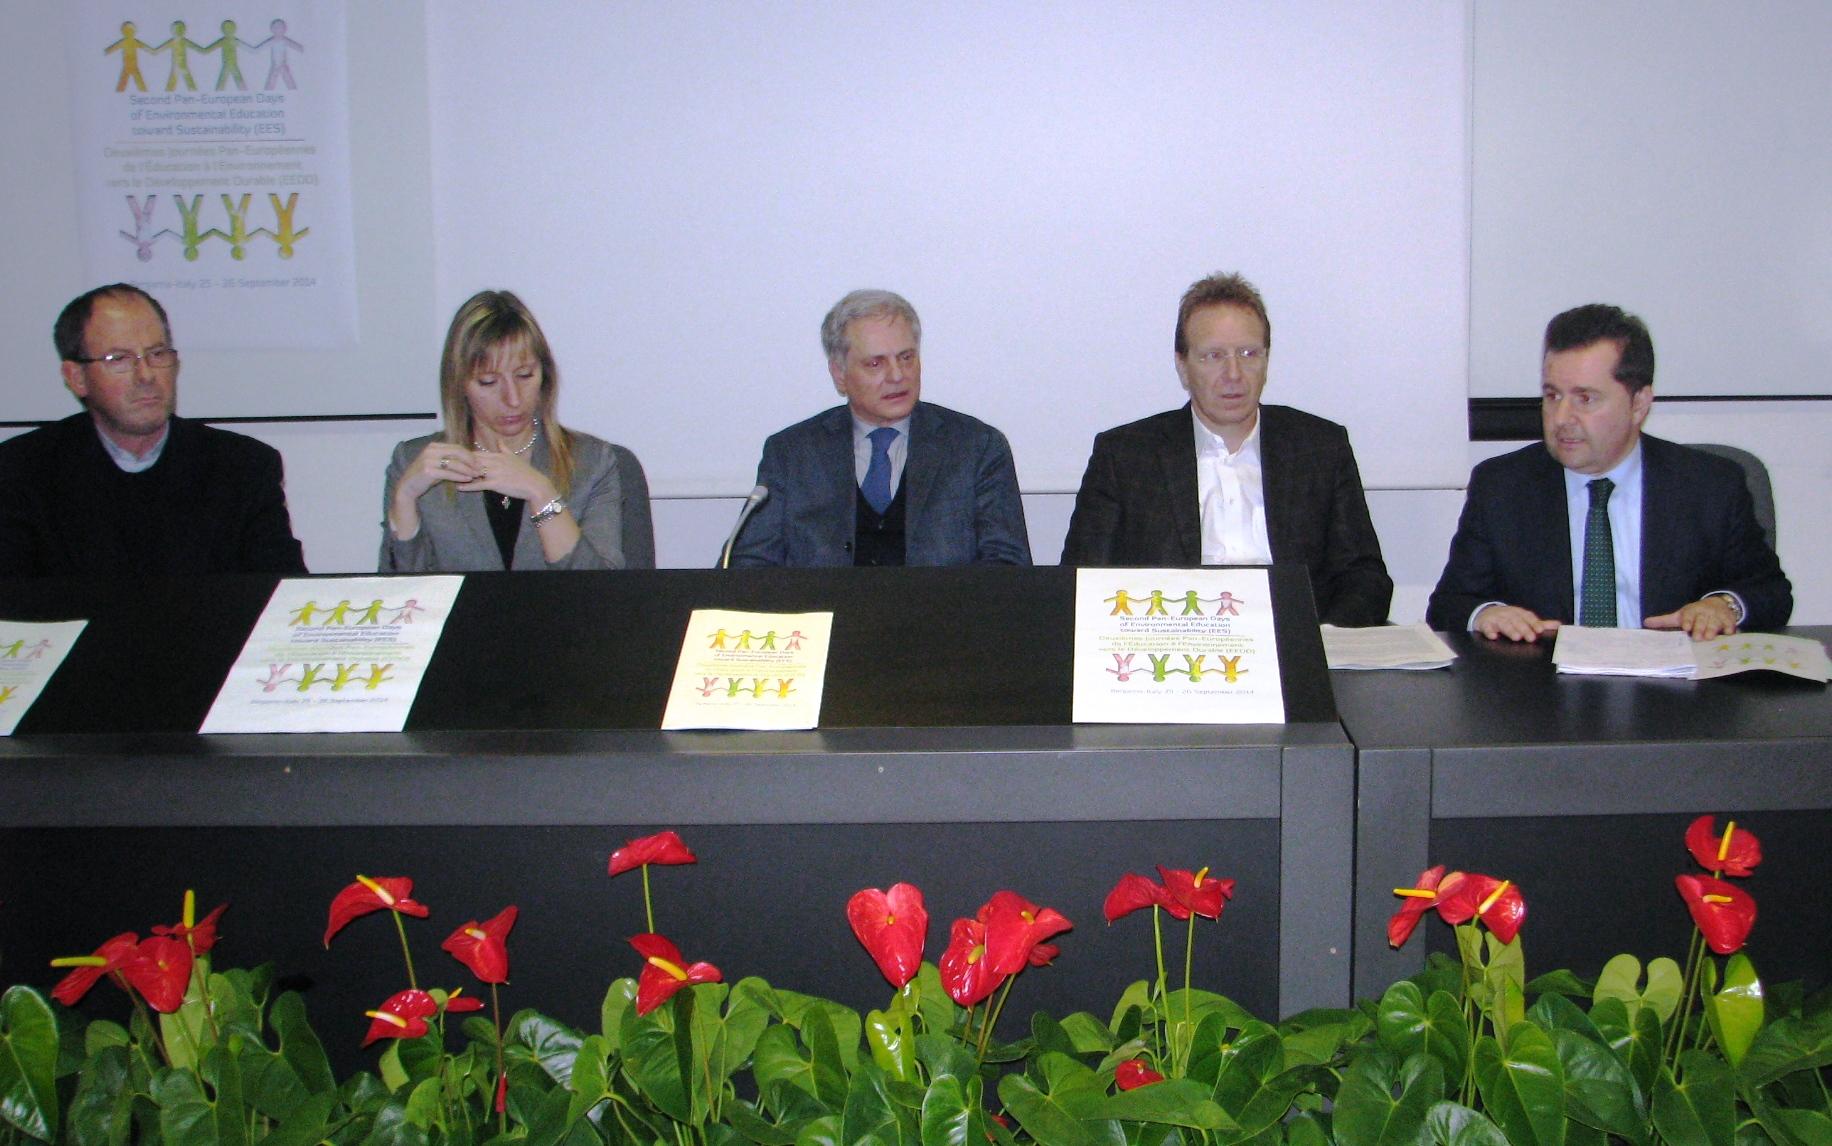 Conferenza stampa Giornate europee educazione ambientale  - 3 marzo 2014 - da sinistra Poli Terzi Salomone Piccinelli e Bandera 2